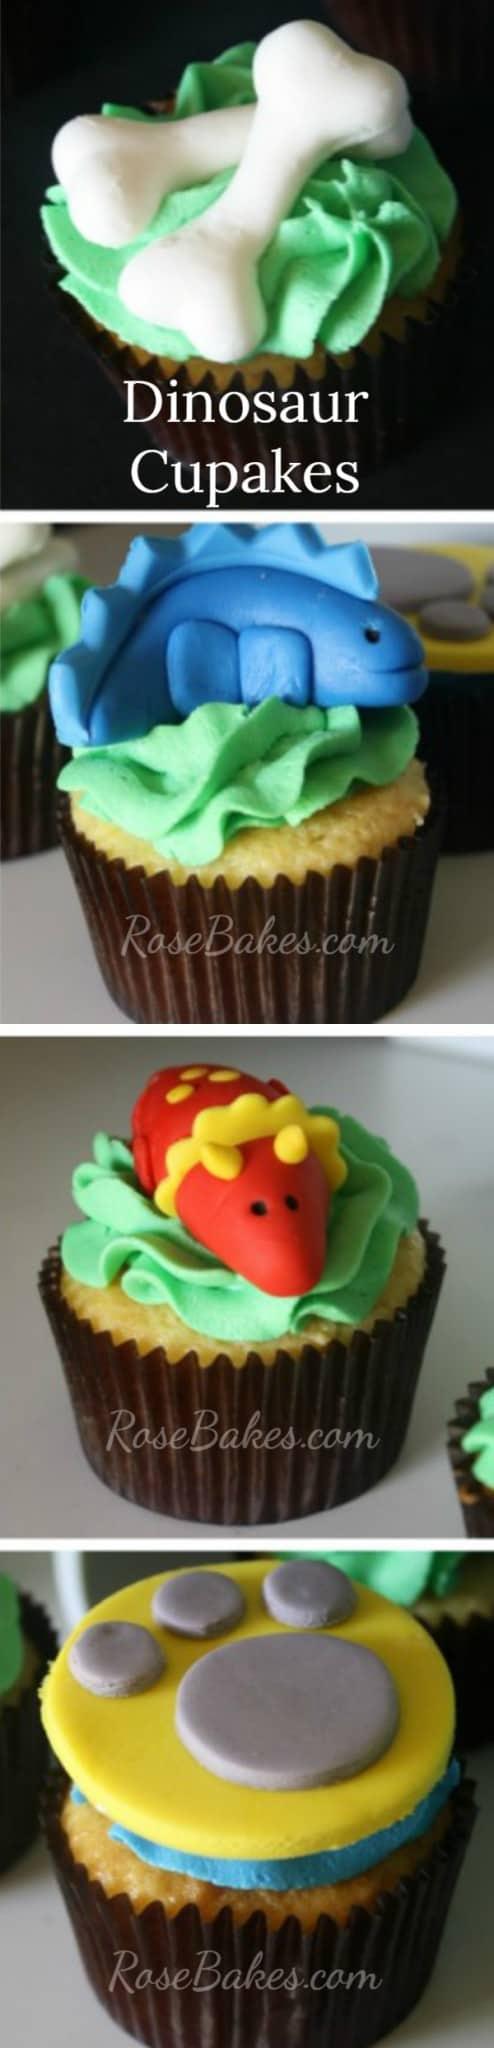 Dinosaur Cupcakes RoseBakes